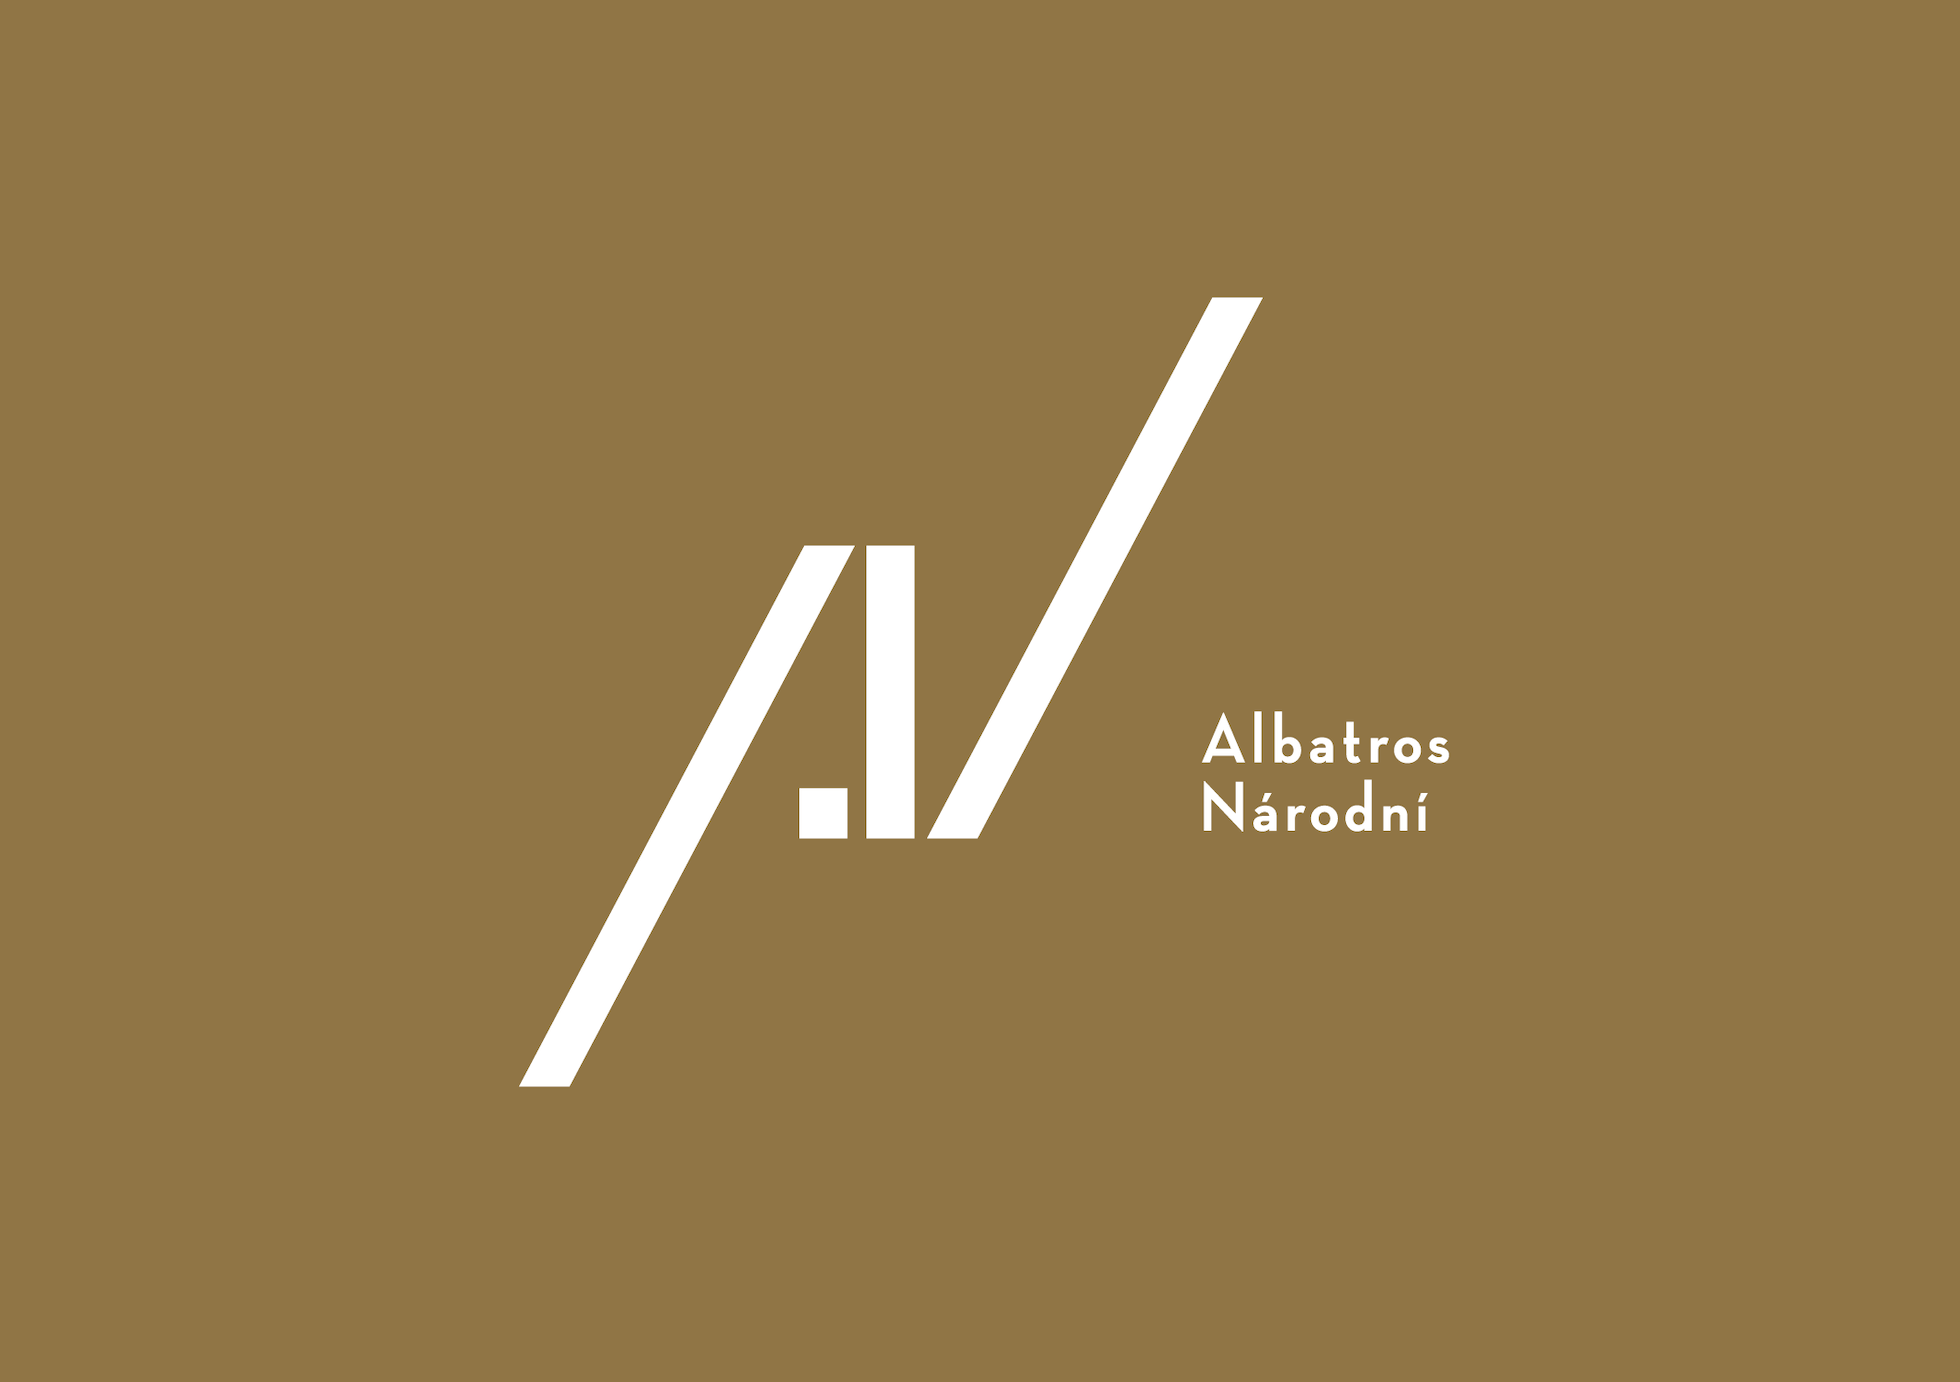 Albatros Narodni logo